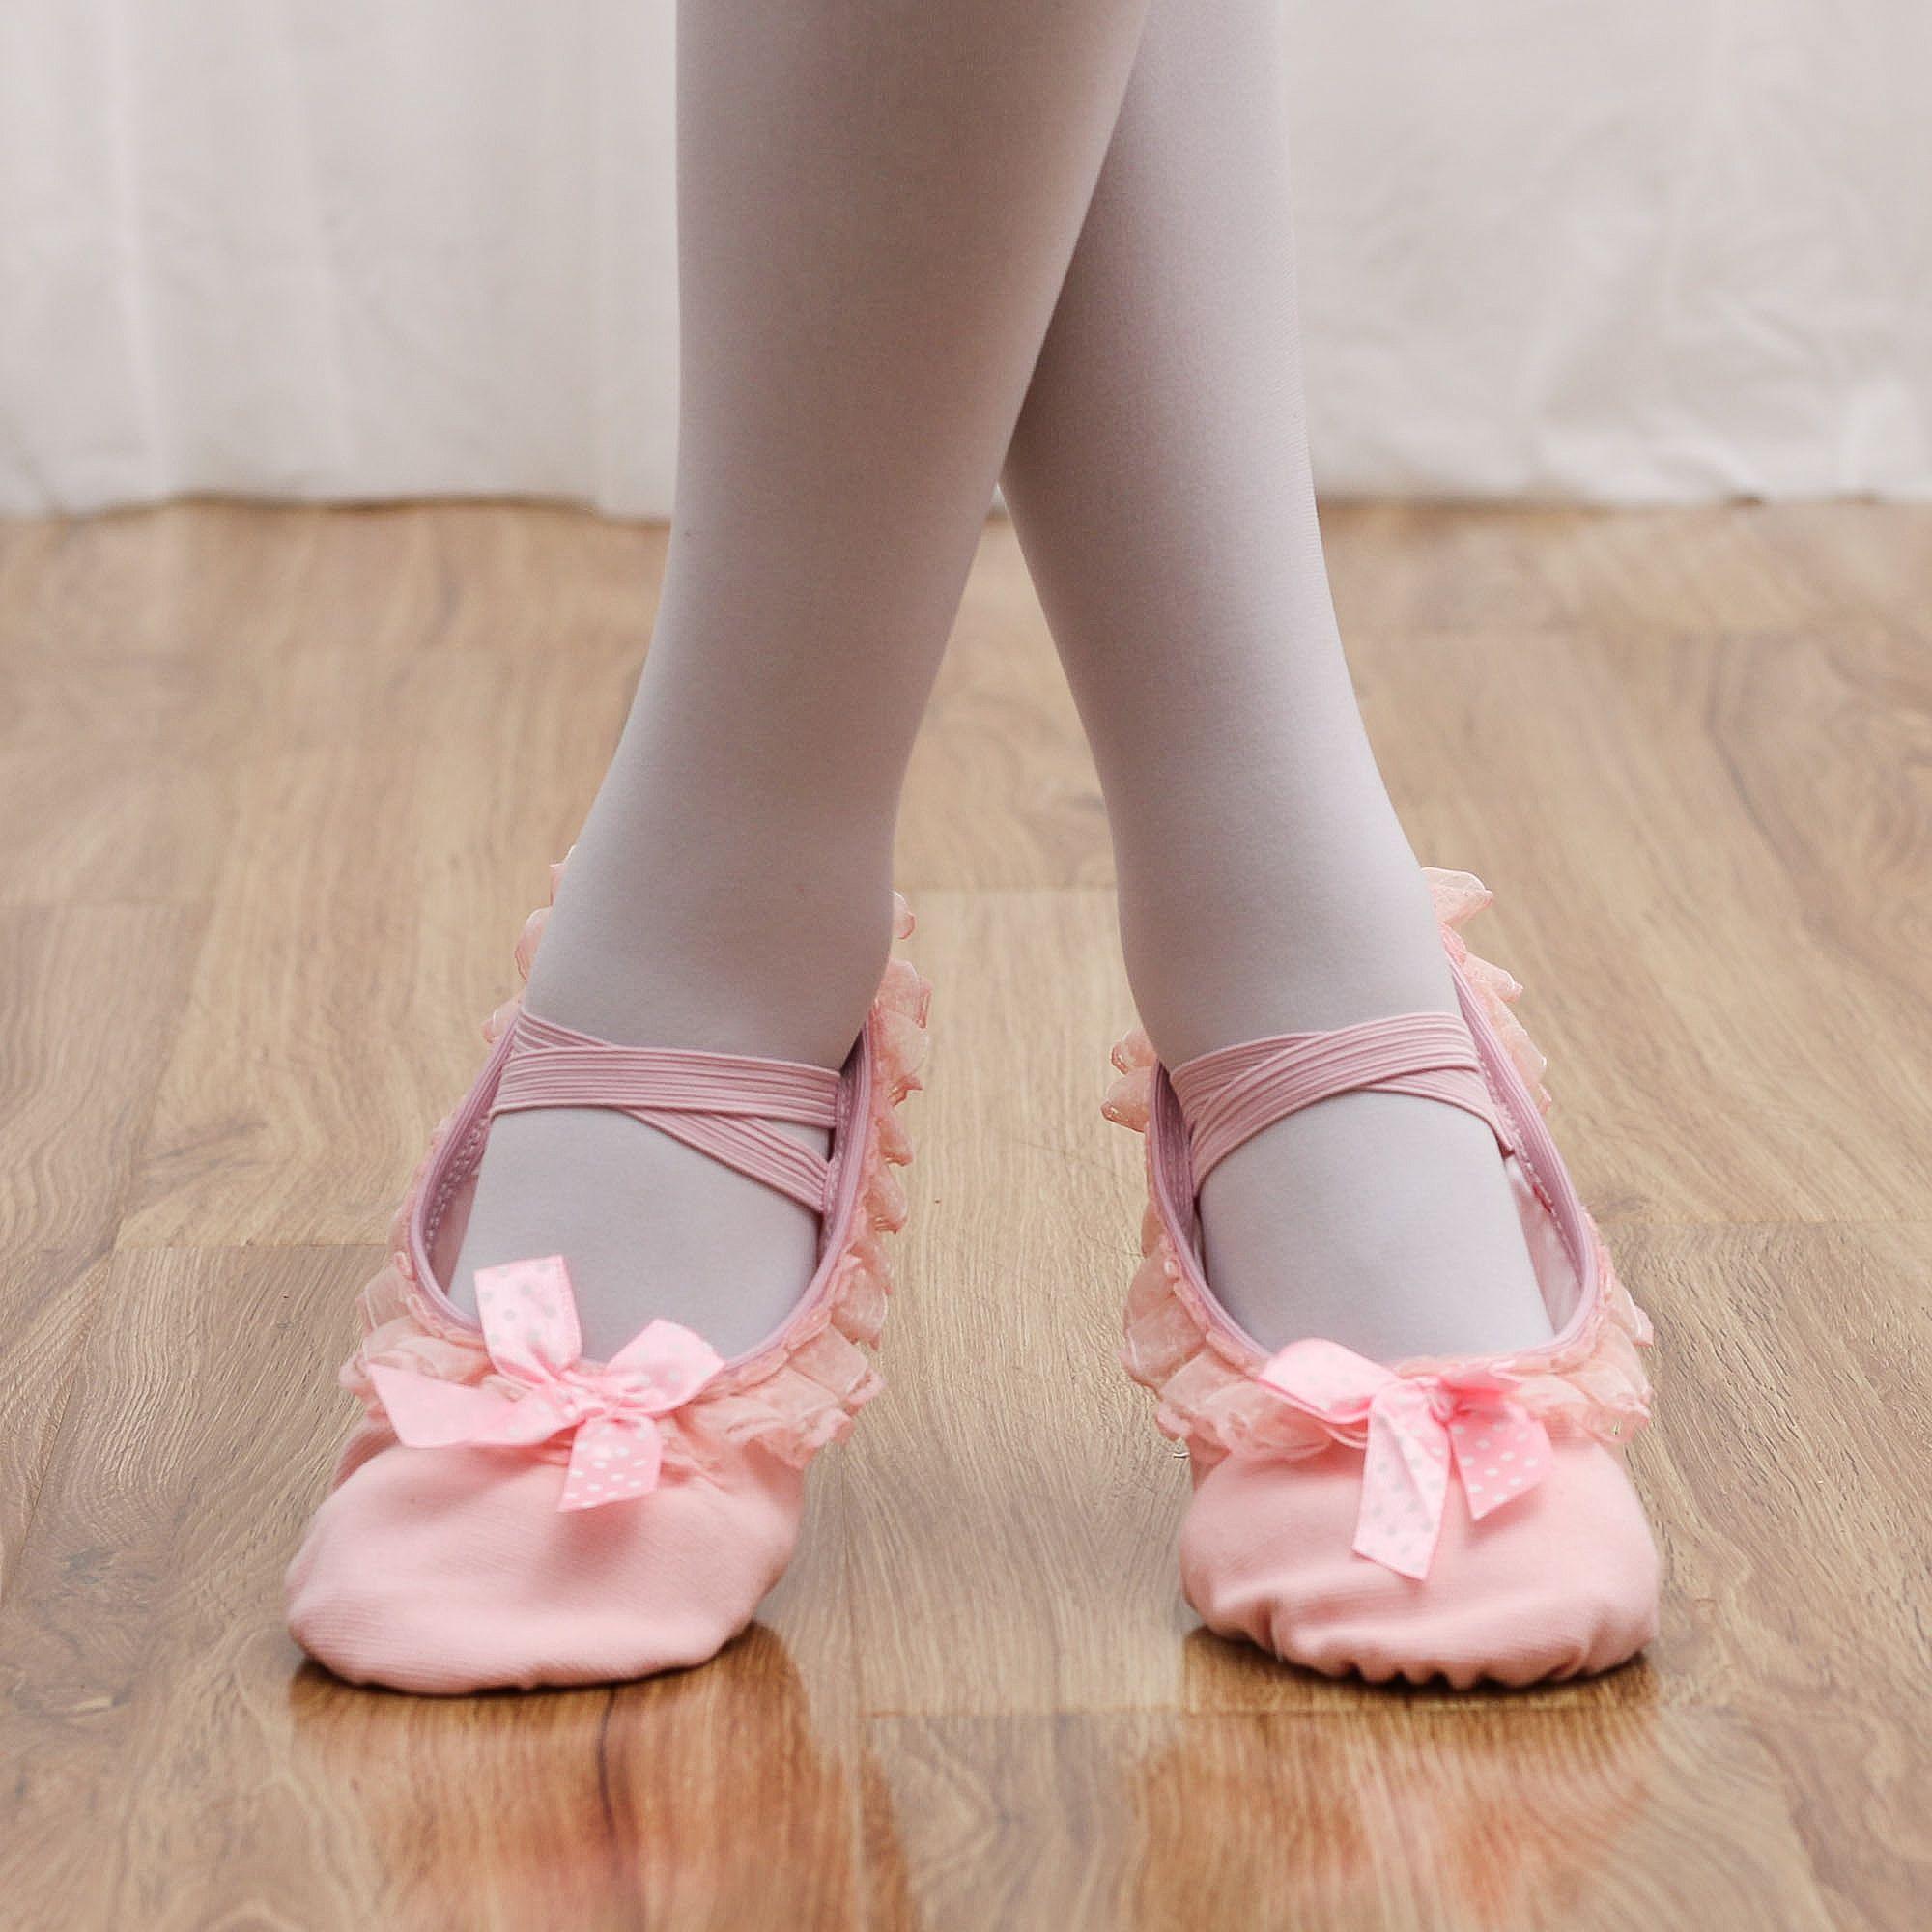 舞蹈鞋什么牌子好|舞蹈鞋什么牌子好